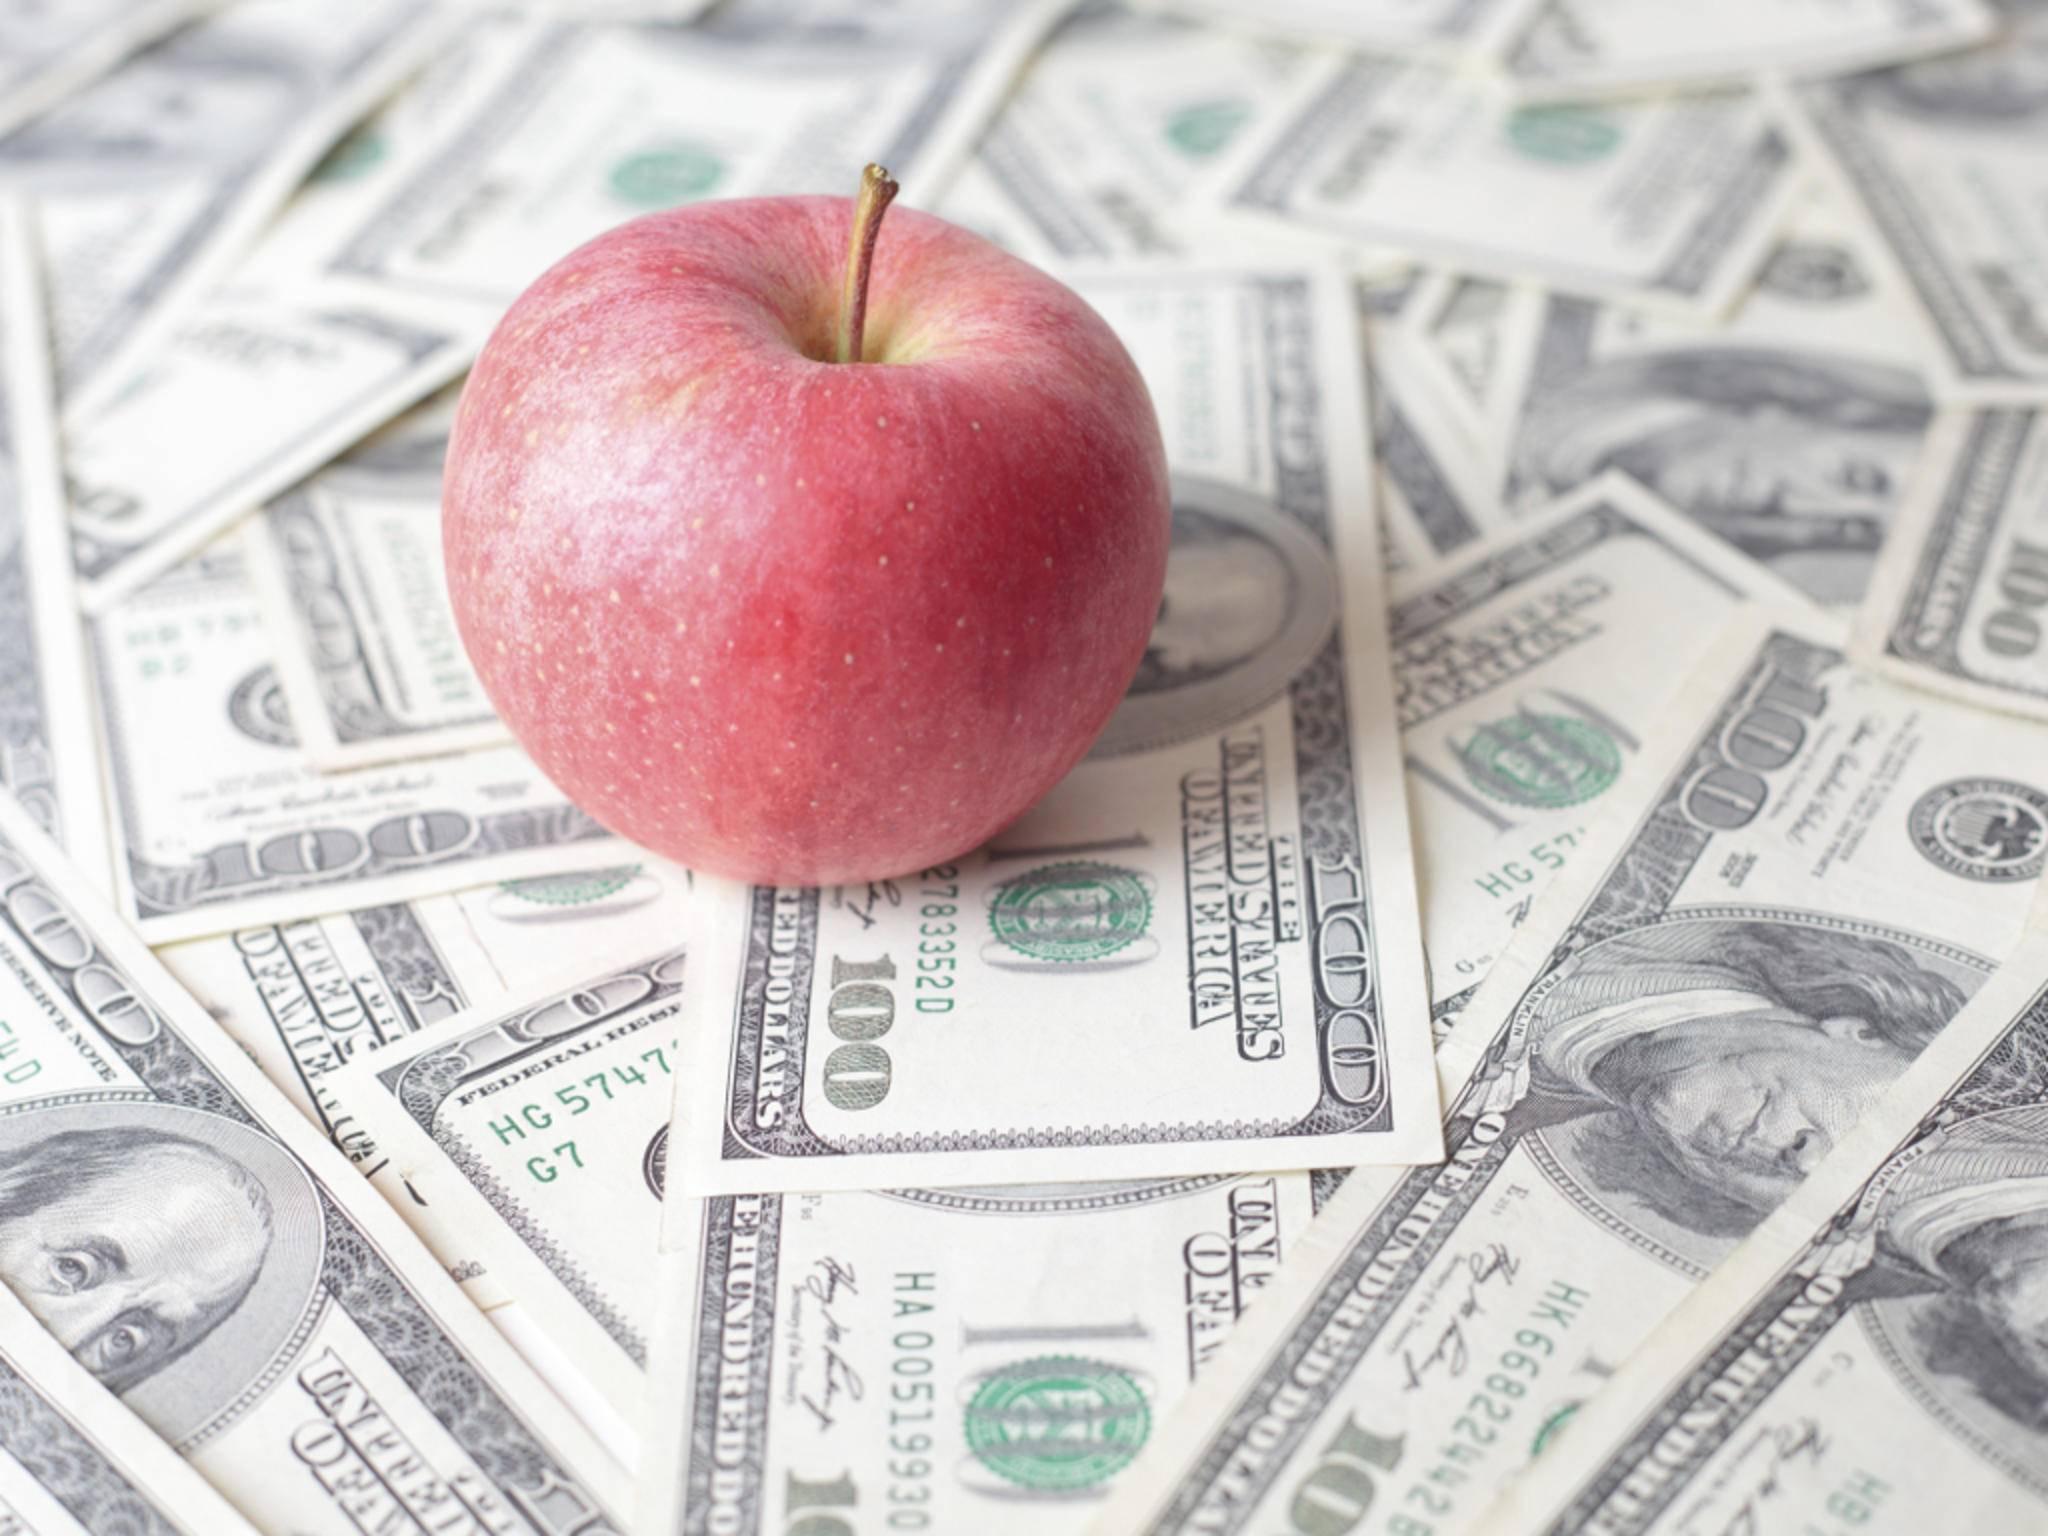 Apple ist mittlerweile unfassbare 700 Milliarden Dollar wert.